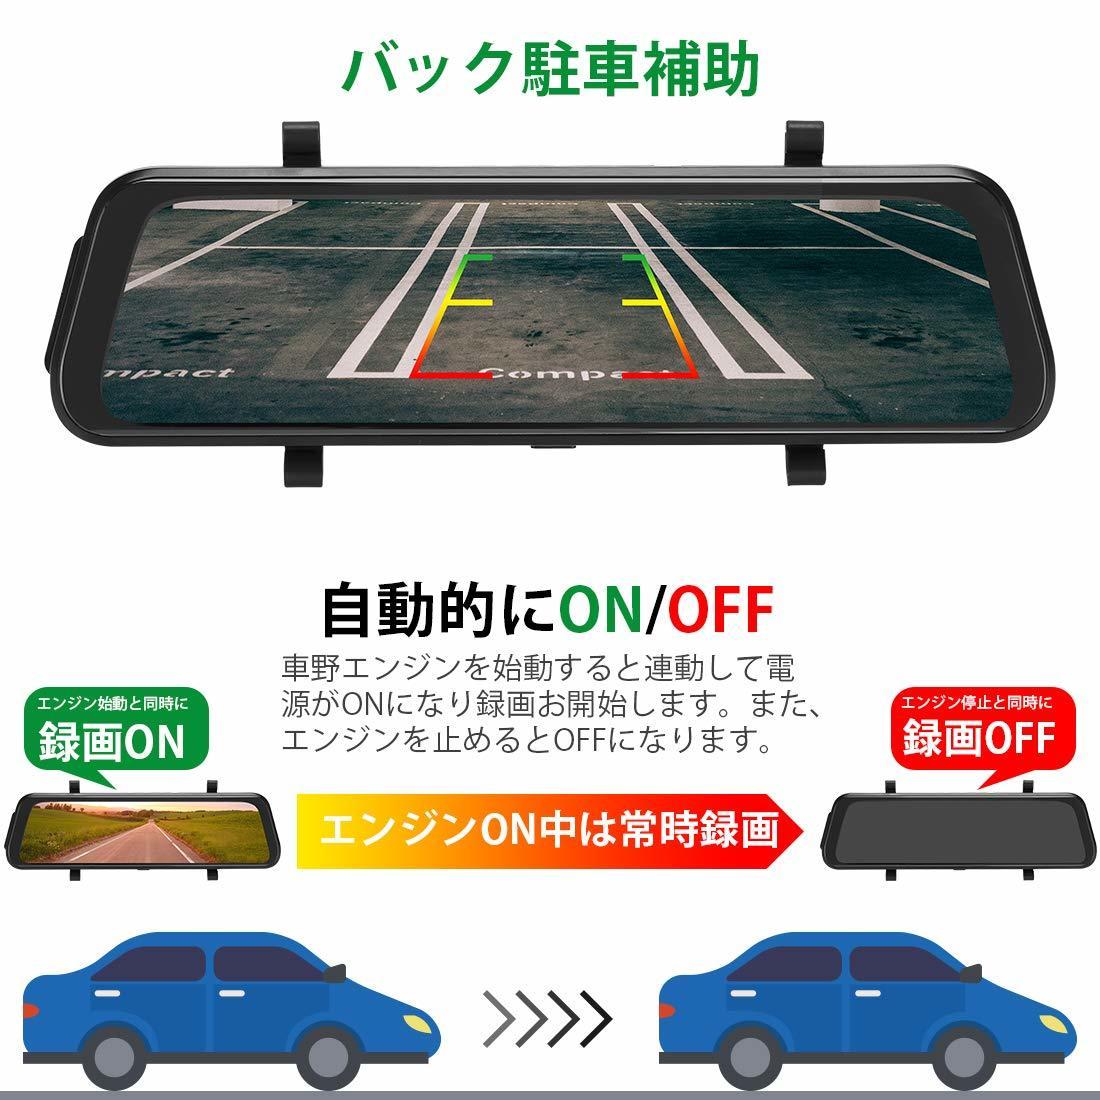 送料無料 32GB SDカード付 ドライブレコーダー G1013 タッチパネル9.66インチ ミラー型 前後カメラ LED信号機対応フルHD 日本製説明書 新品_画像8